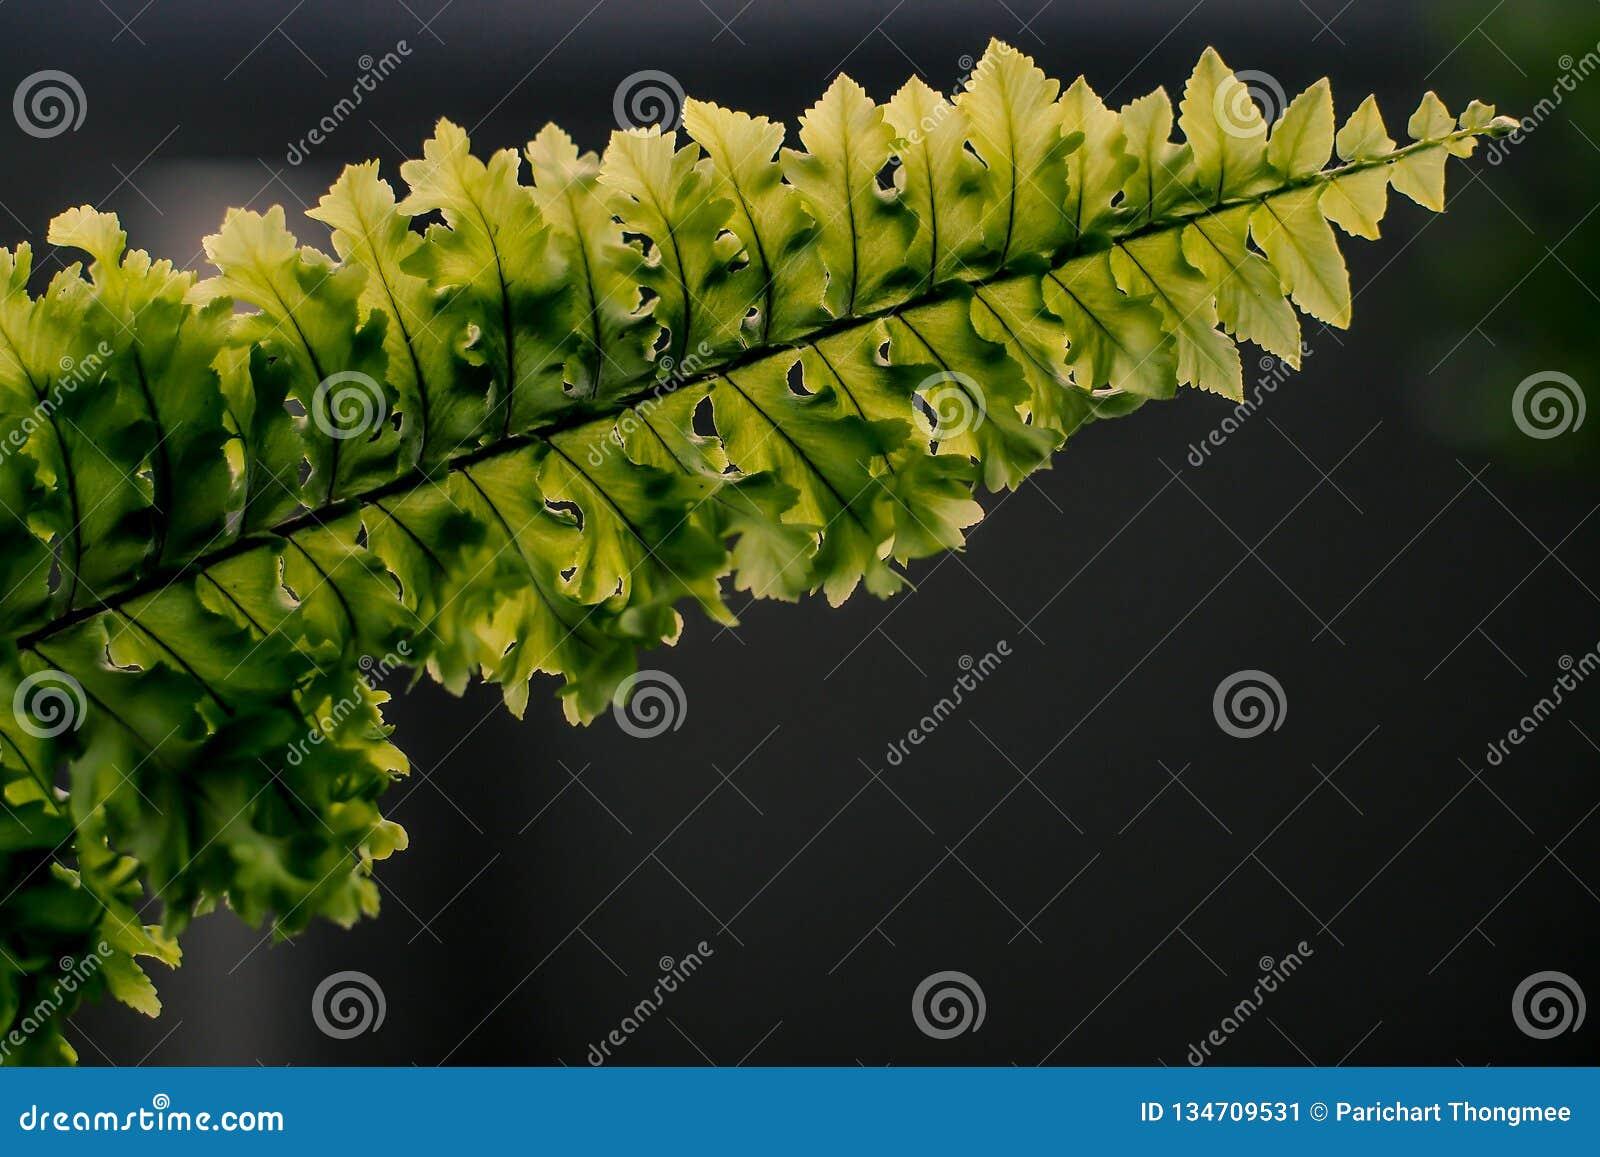 美丽的蕨生叶绿色叶子自然花卉蕨深黑色背景关闭